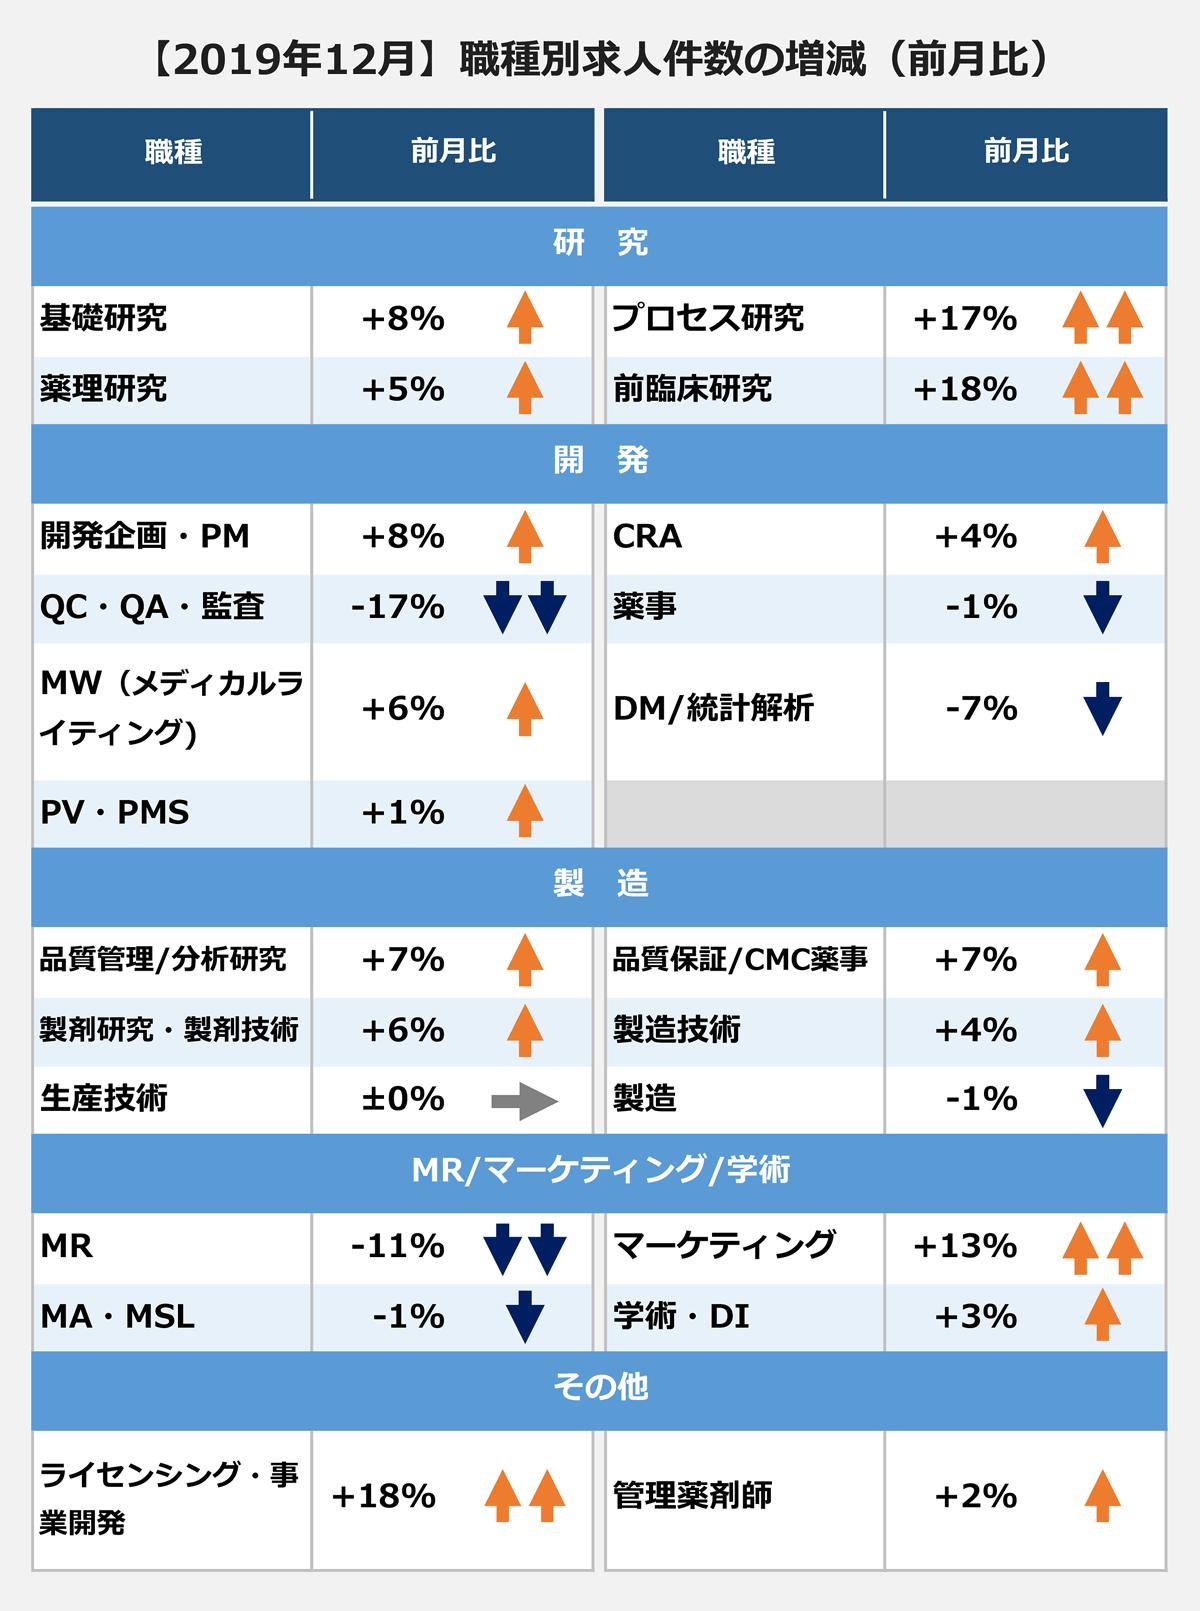 【2019年12月職種別求人件数の増減[前月比]】(職種[前月比]):【研究】基礎研究[+8%]、薬理研究[+5%]、プロセス研究[+17%]、前臨床研究[+18%]、【開発】開発企画・PM[+8%]、QC・QA・監査[-17%]、MW(メディカルランディング)[+6%]、PV・PMS[+1%]、CRA[+4%]、薬事[-1%]、DM/統計解析[-7%]、【製造】品質管理/分析研究[+7%]、製剤研究・製剤技術[+6%]、生産技術[±0]、品質保証/CMC薬事[+7%]、製造技術[+4%]、製造[-1%]、【MR/マーケティング/学術】MR[-11%]、MA・MSL[-1%]、マーケティング[+13%]、学術・DI[+3%]、【その他】ライセンシング・事業開発[18%]、管理薬剤師[+2%]